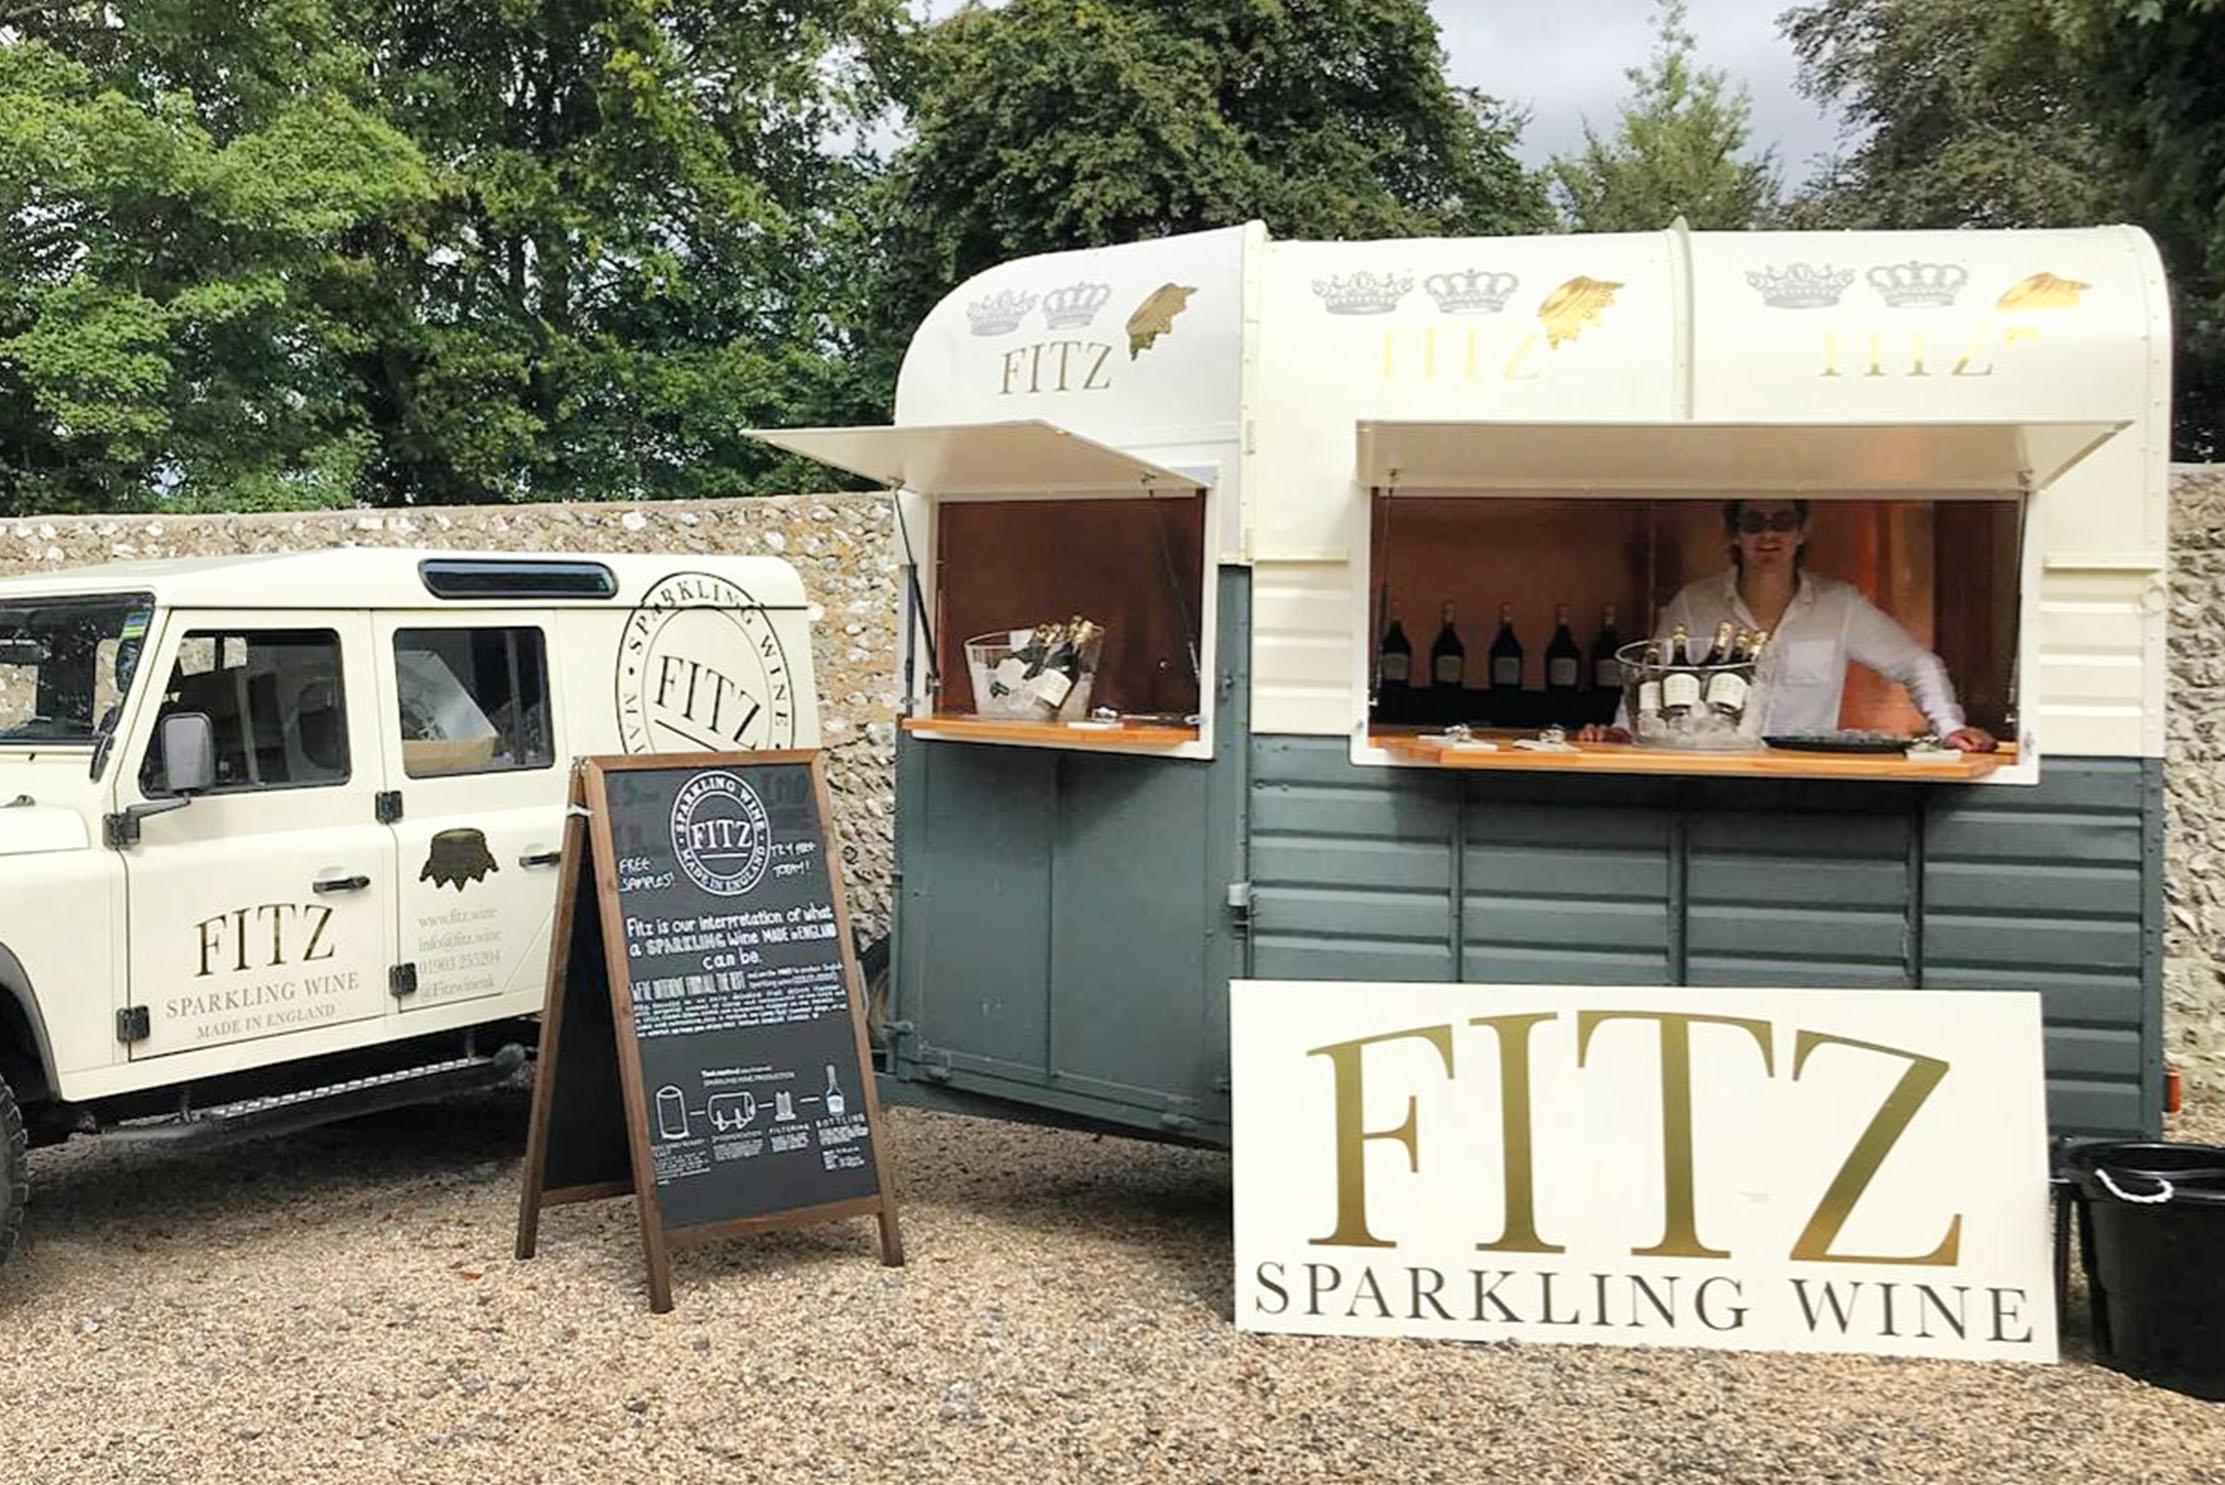 Fitz Sparkling Wine